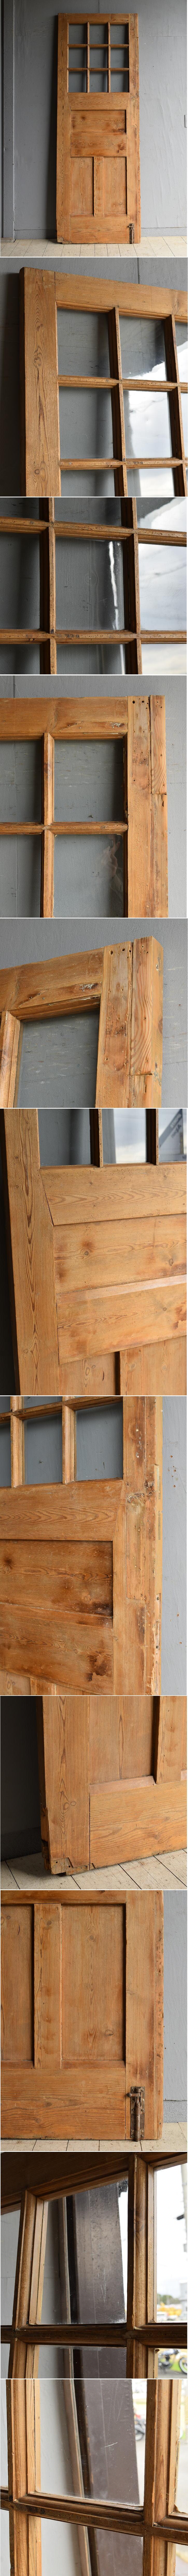 イギリス アンティーク ガラス入り木製ドア 扉 建具 8299